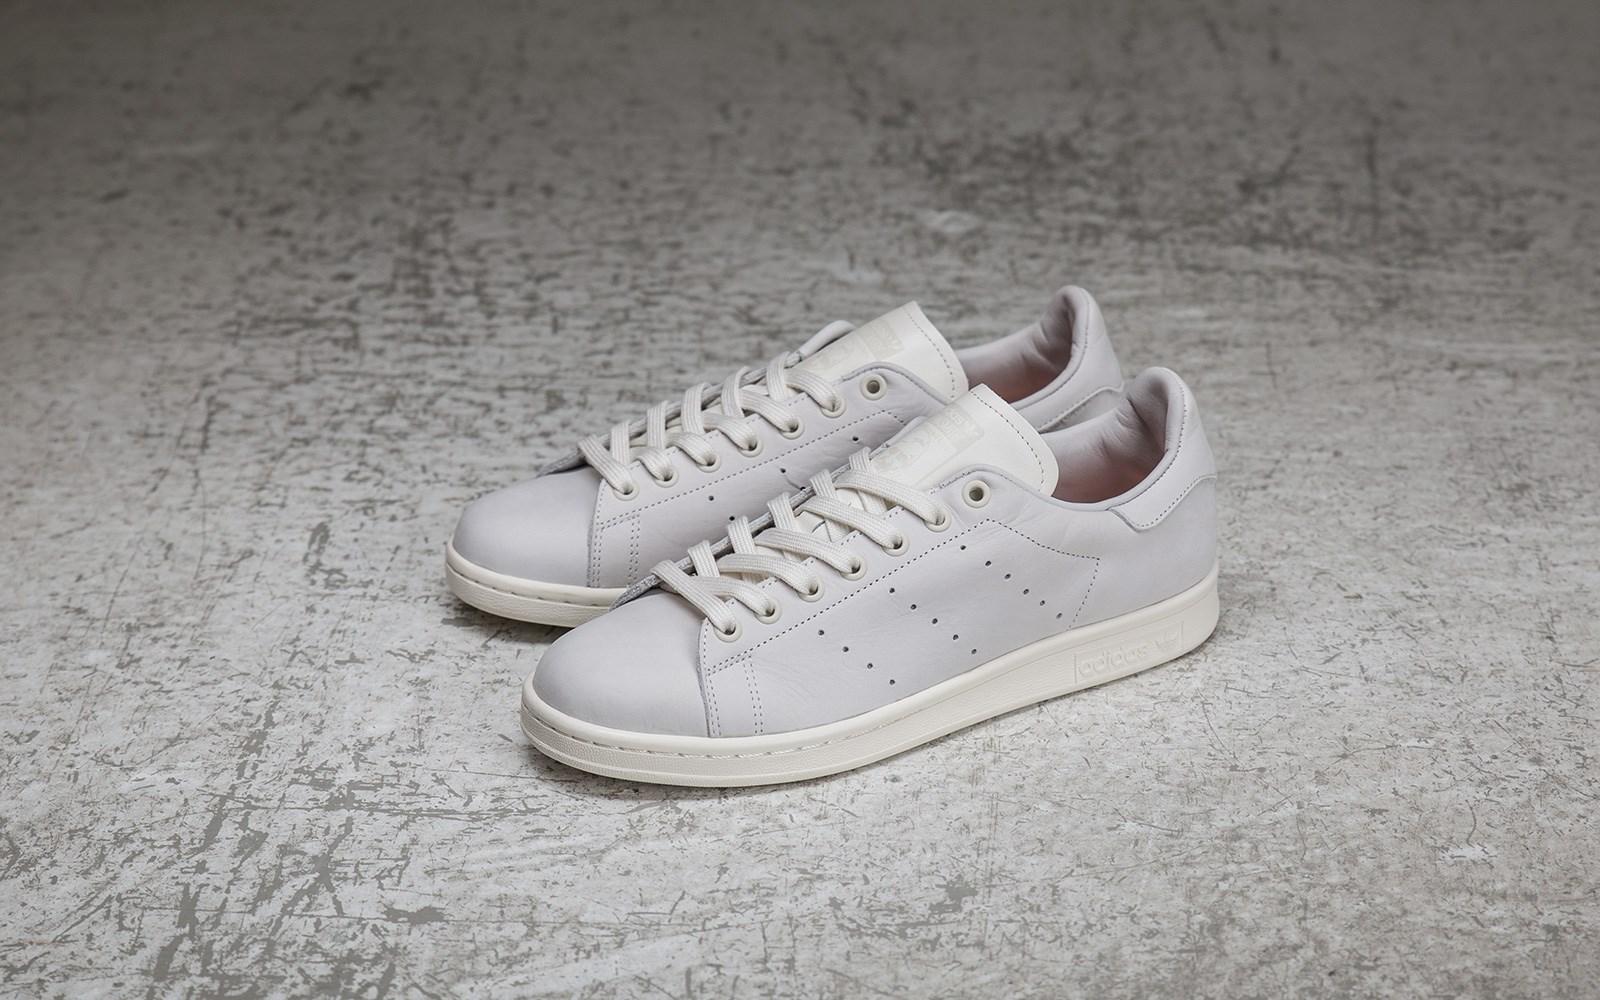 adidas Stan Smith - B24346 - Sneakersnstuff   sneakers & streetwear online since 1999